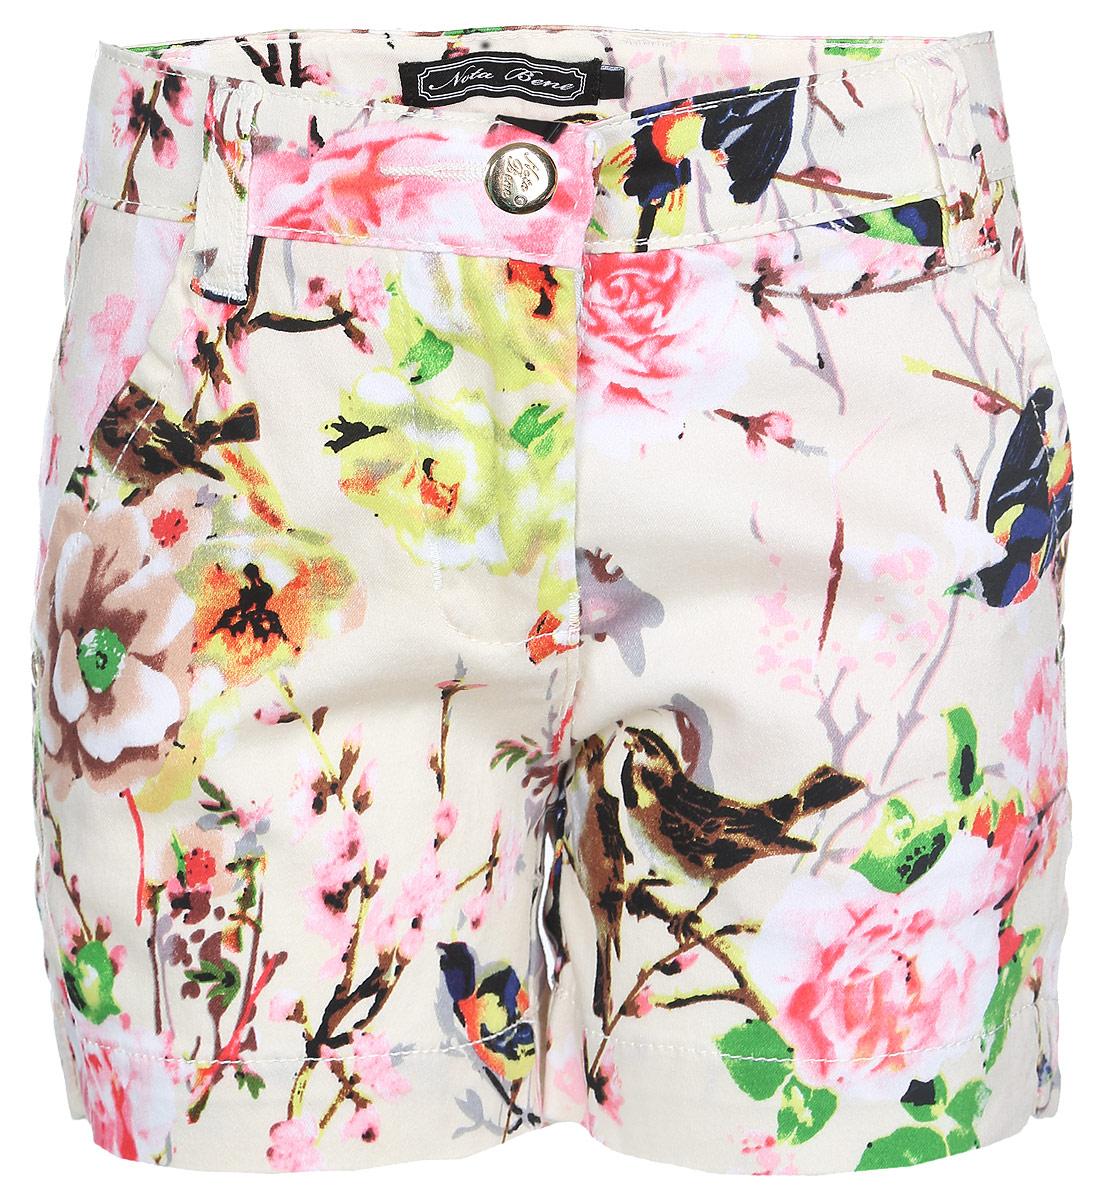 Шорты для девочки Nota Bene, цвет: бежевый, розовый, коричневый. SS161G421-5. Размер 110SS161G421-5Стильные шорты для девочки Nota Bene идеально подойдут юной моднице для отдыха и прогулок. Изготовленные из мягкого эластичного материала, они тактильно приятные, имеют комфортную длину и удобную посадку на фигуре.Модель на талии застегивается на металлическую пуговицу и имеет ширинку на застежке-молнии, а также шлевки для ремня. С внутренней стороны пояс регулируется скрытой резинкой на пуговицах. Спереди расположены два втачных кармана, сзади - два прорезных. Изделие оформлено принтом с изображением цветов и птиц, декорировано нашивкой и металлическими клепками с названием бренда.Современный дизайн и расцветка делают эти шорты модным предметом детской одежды. Обладательница таких шорт всегда будет в центре внимания!